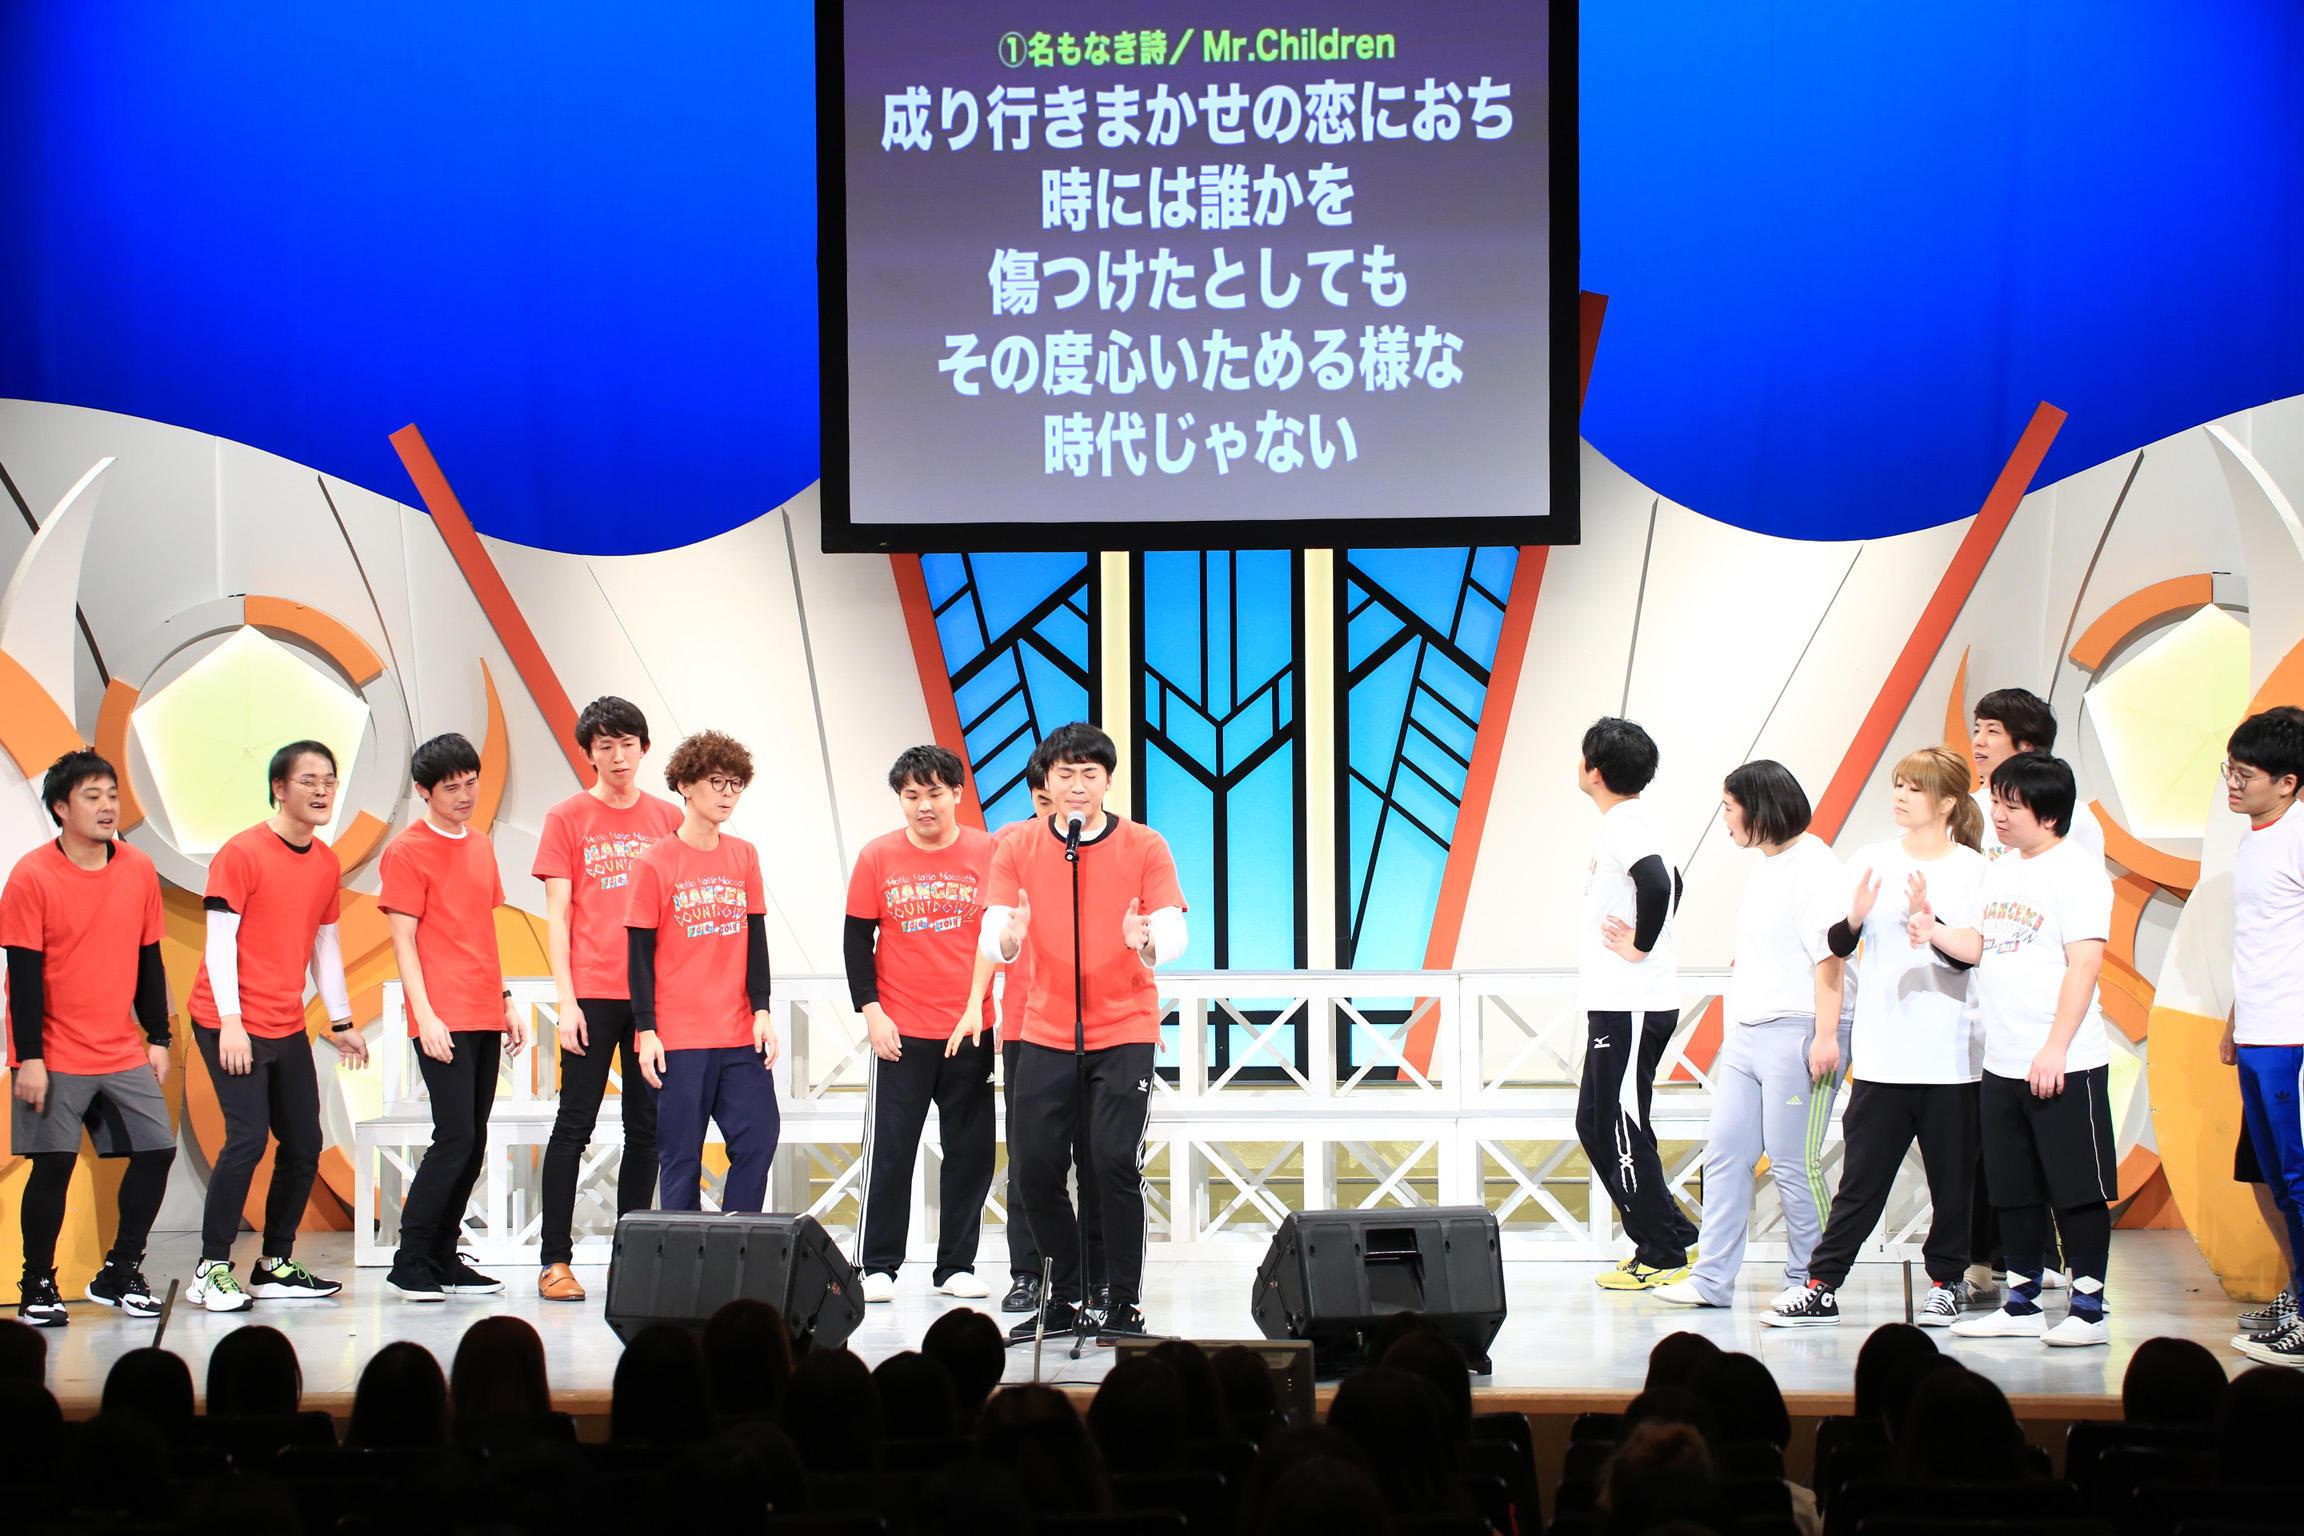 http://news.yoshimoto.co.jp/20190101110030-f2424285e885f1daa8e8a446ec54ebdf65269da6.jpg